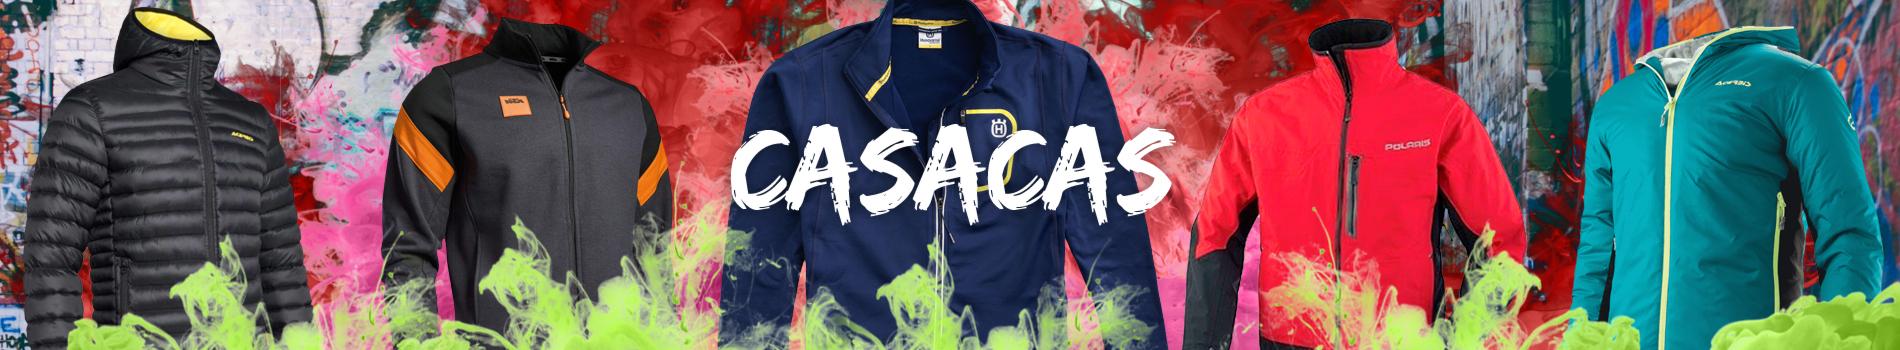 Casacas